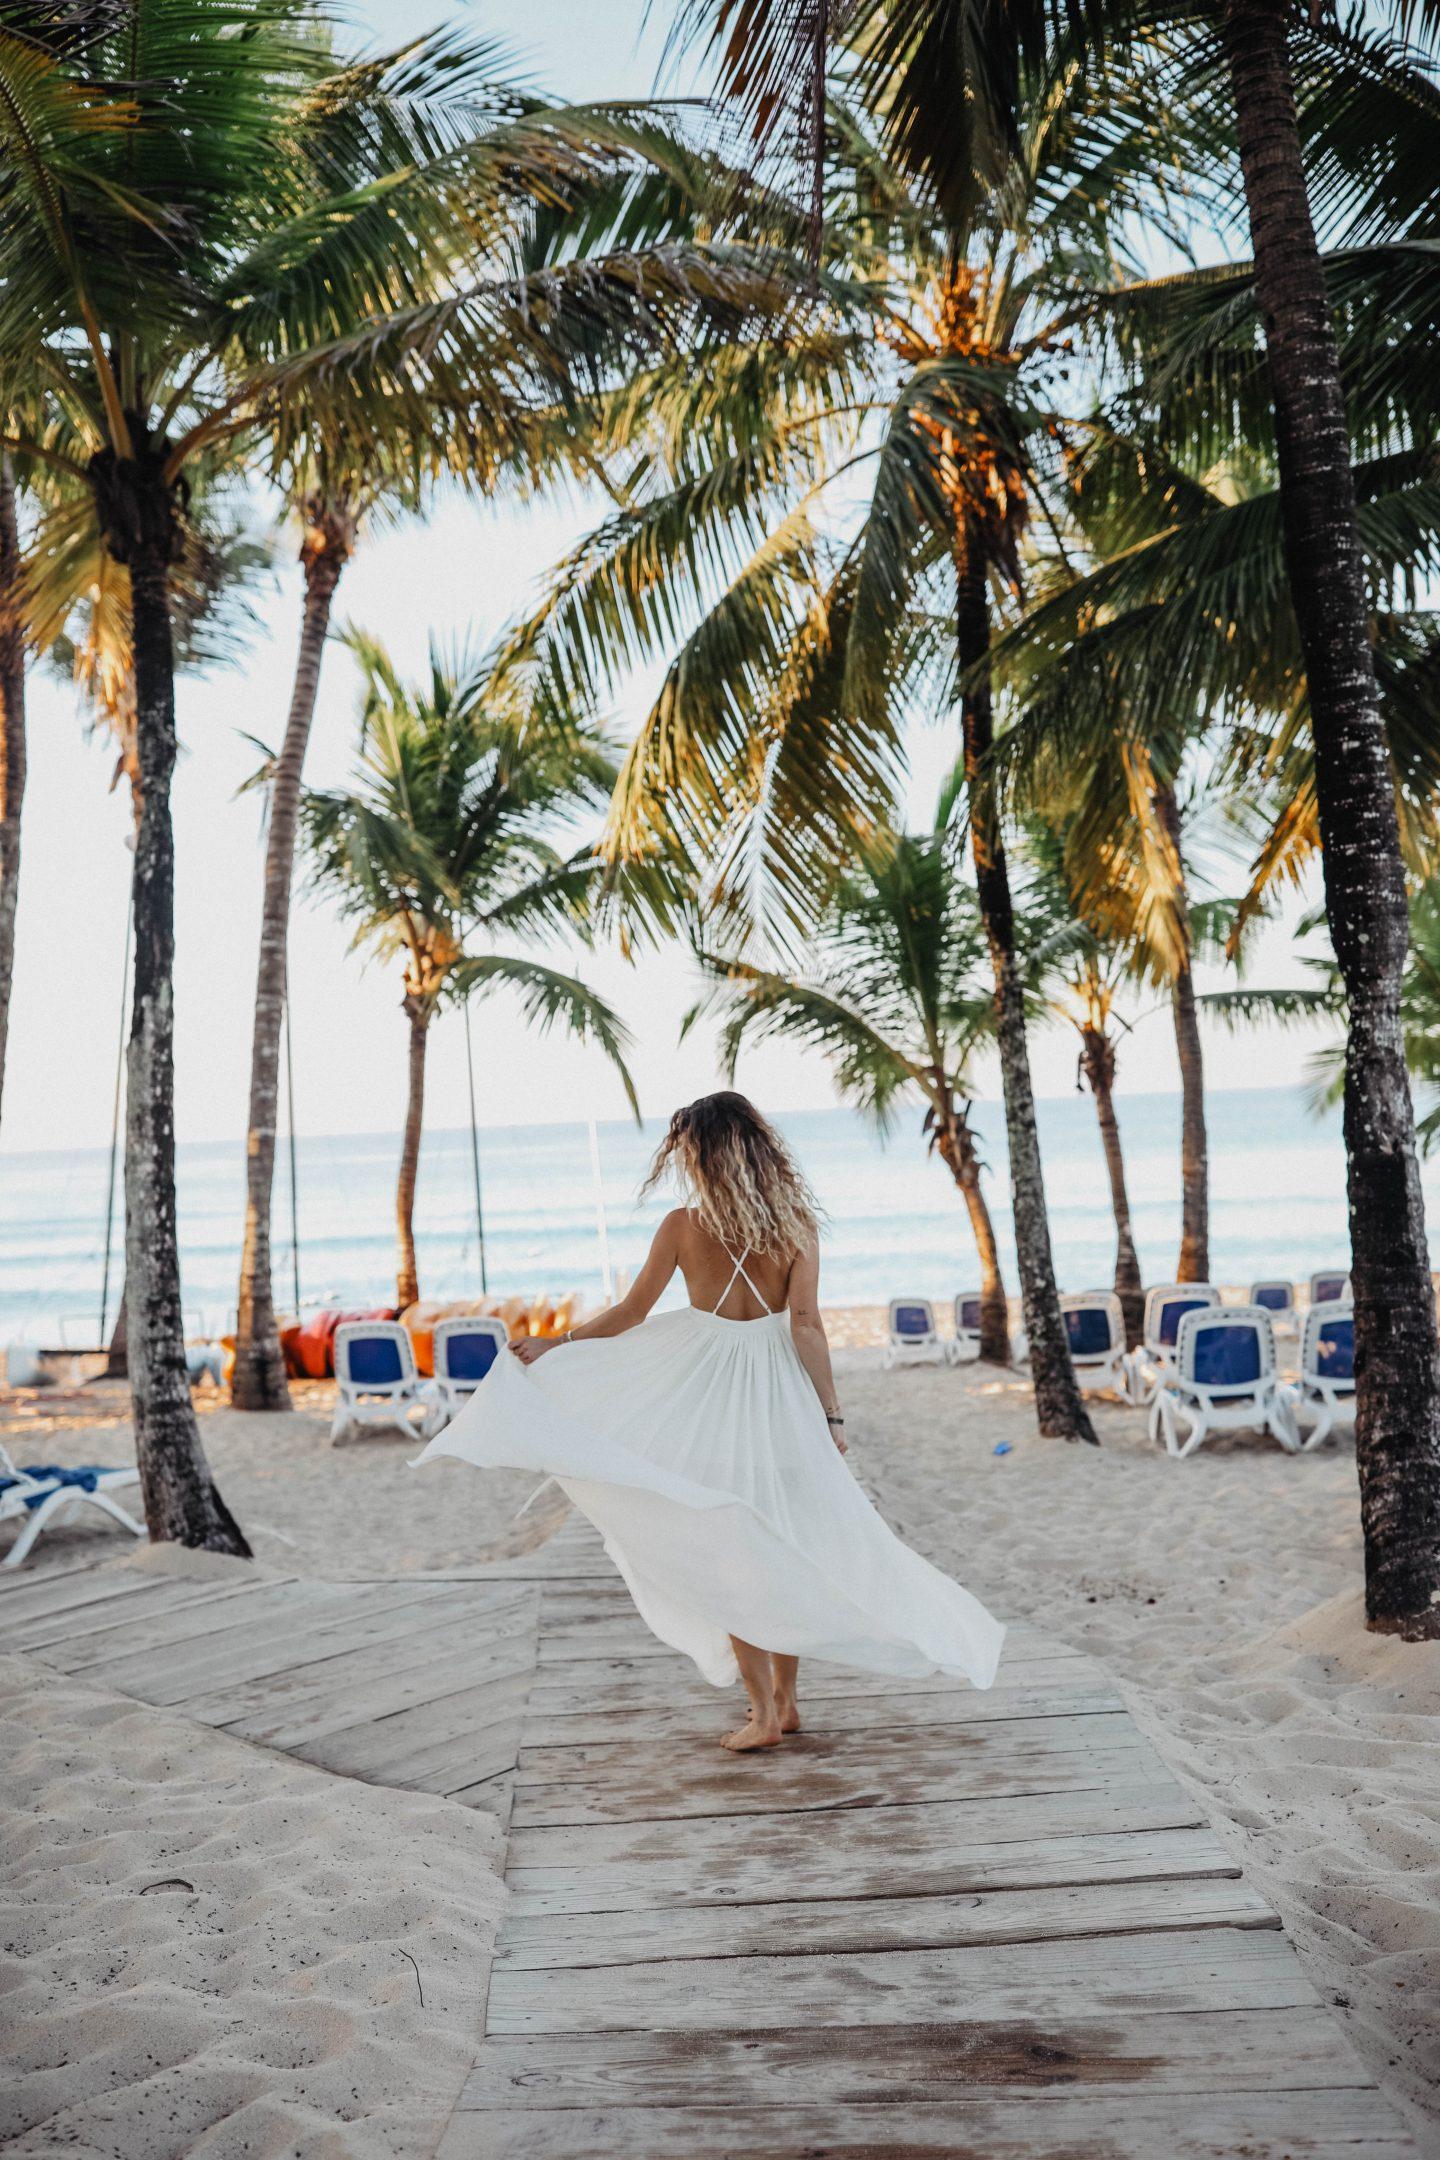 Voyage en république dominicaine marie and mood blog trip